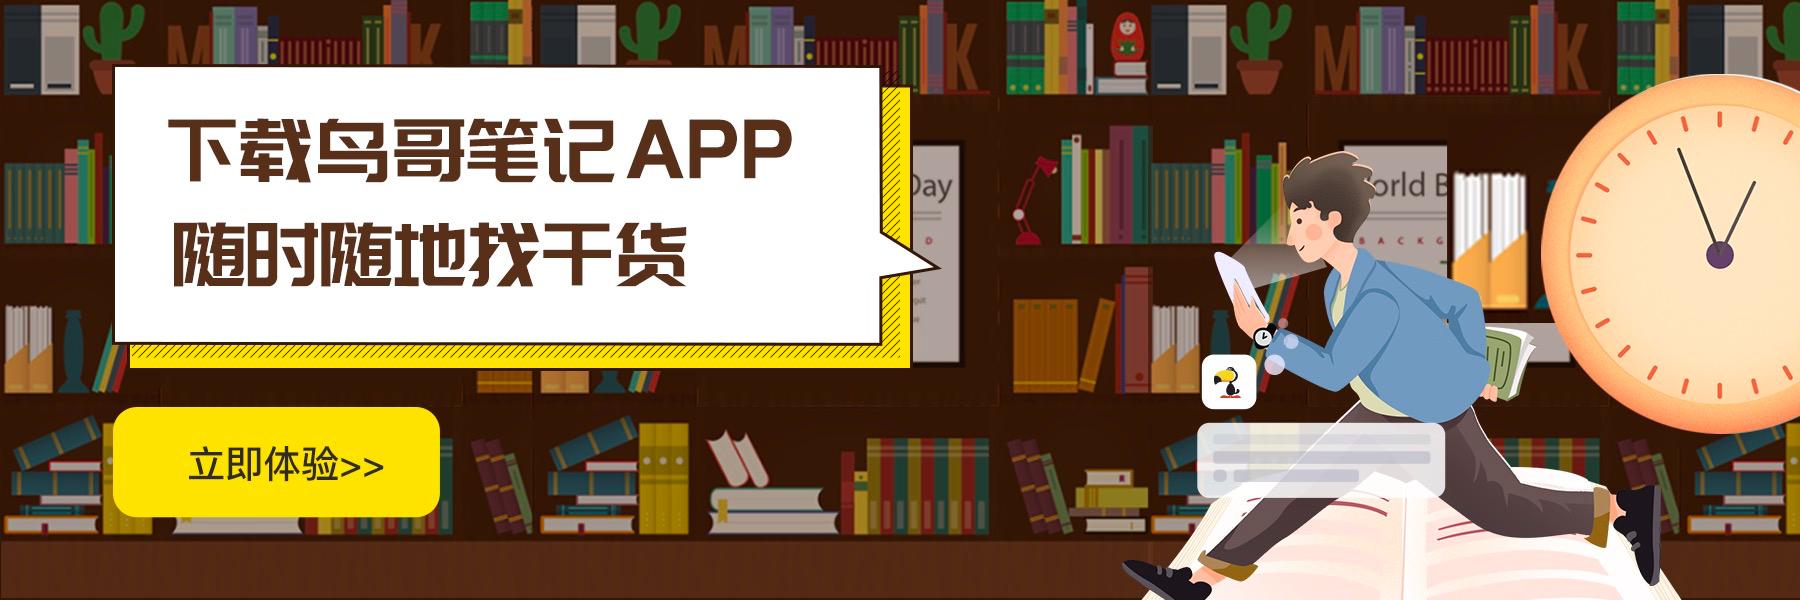 鸟哥笔记,ASO,华为开发者联盟,渠道,应用商店